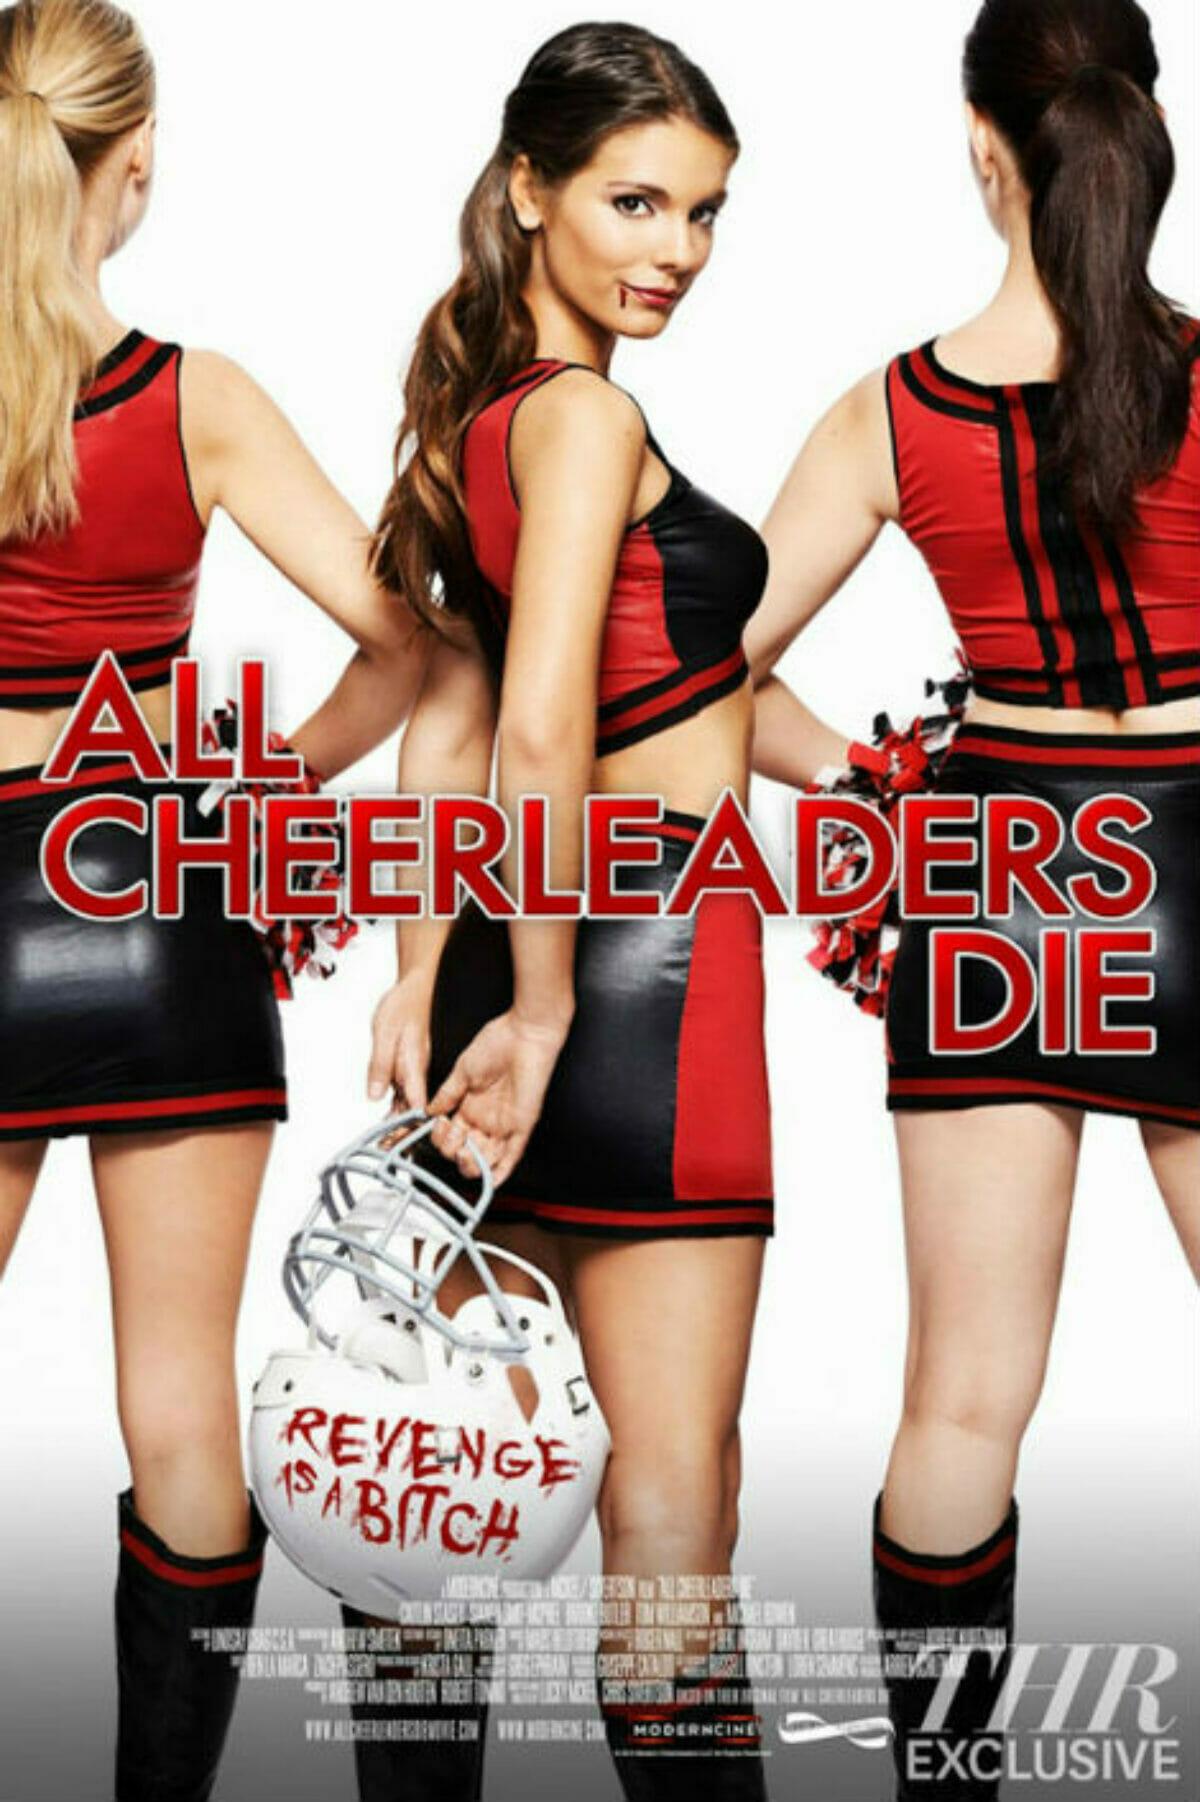 All-Cheerleaders-Die-poster